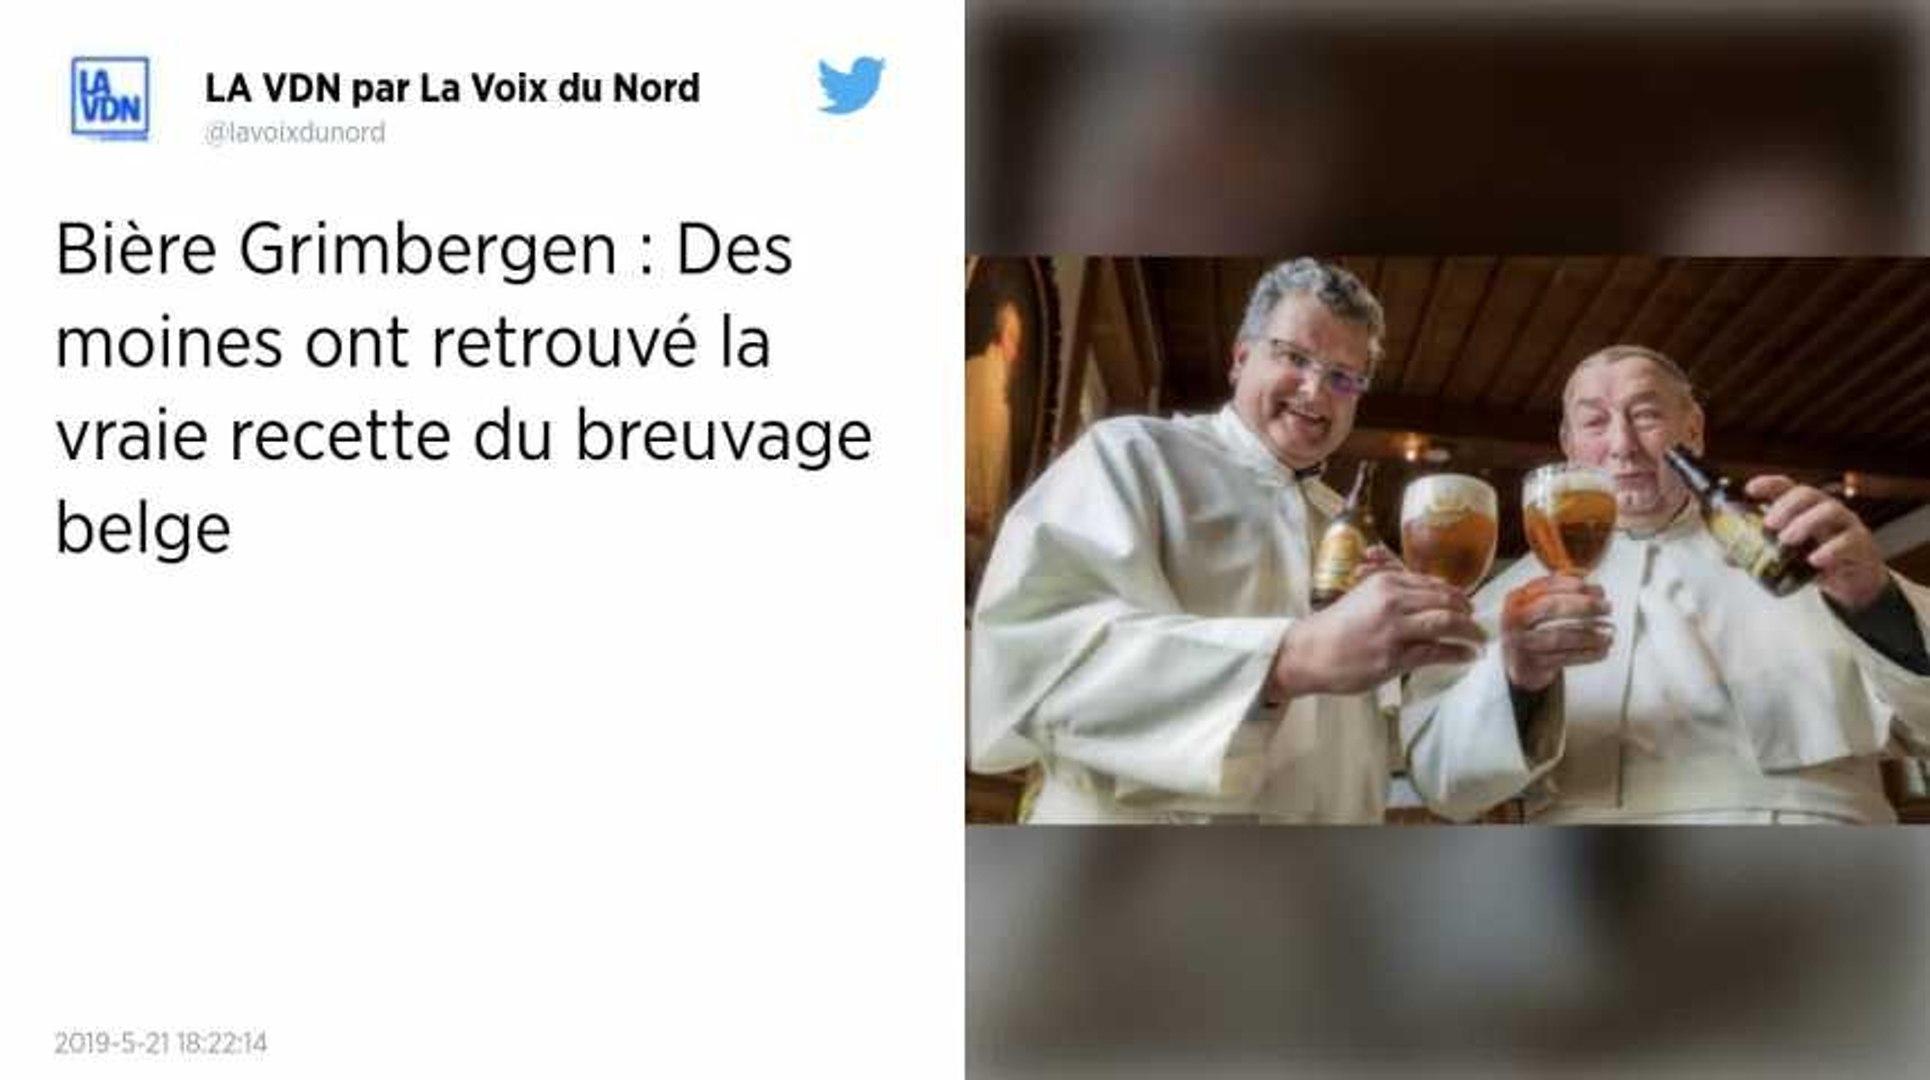 200 ans après, les moines de Grimbergen vont de nouveau brasser leur bière